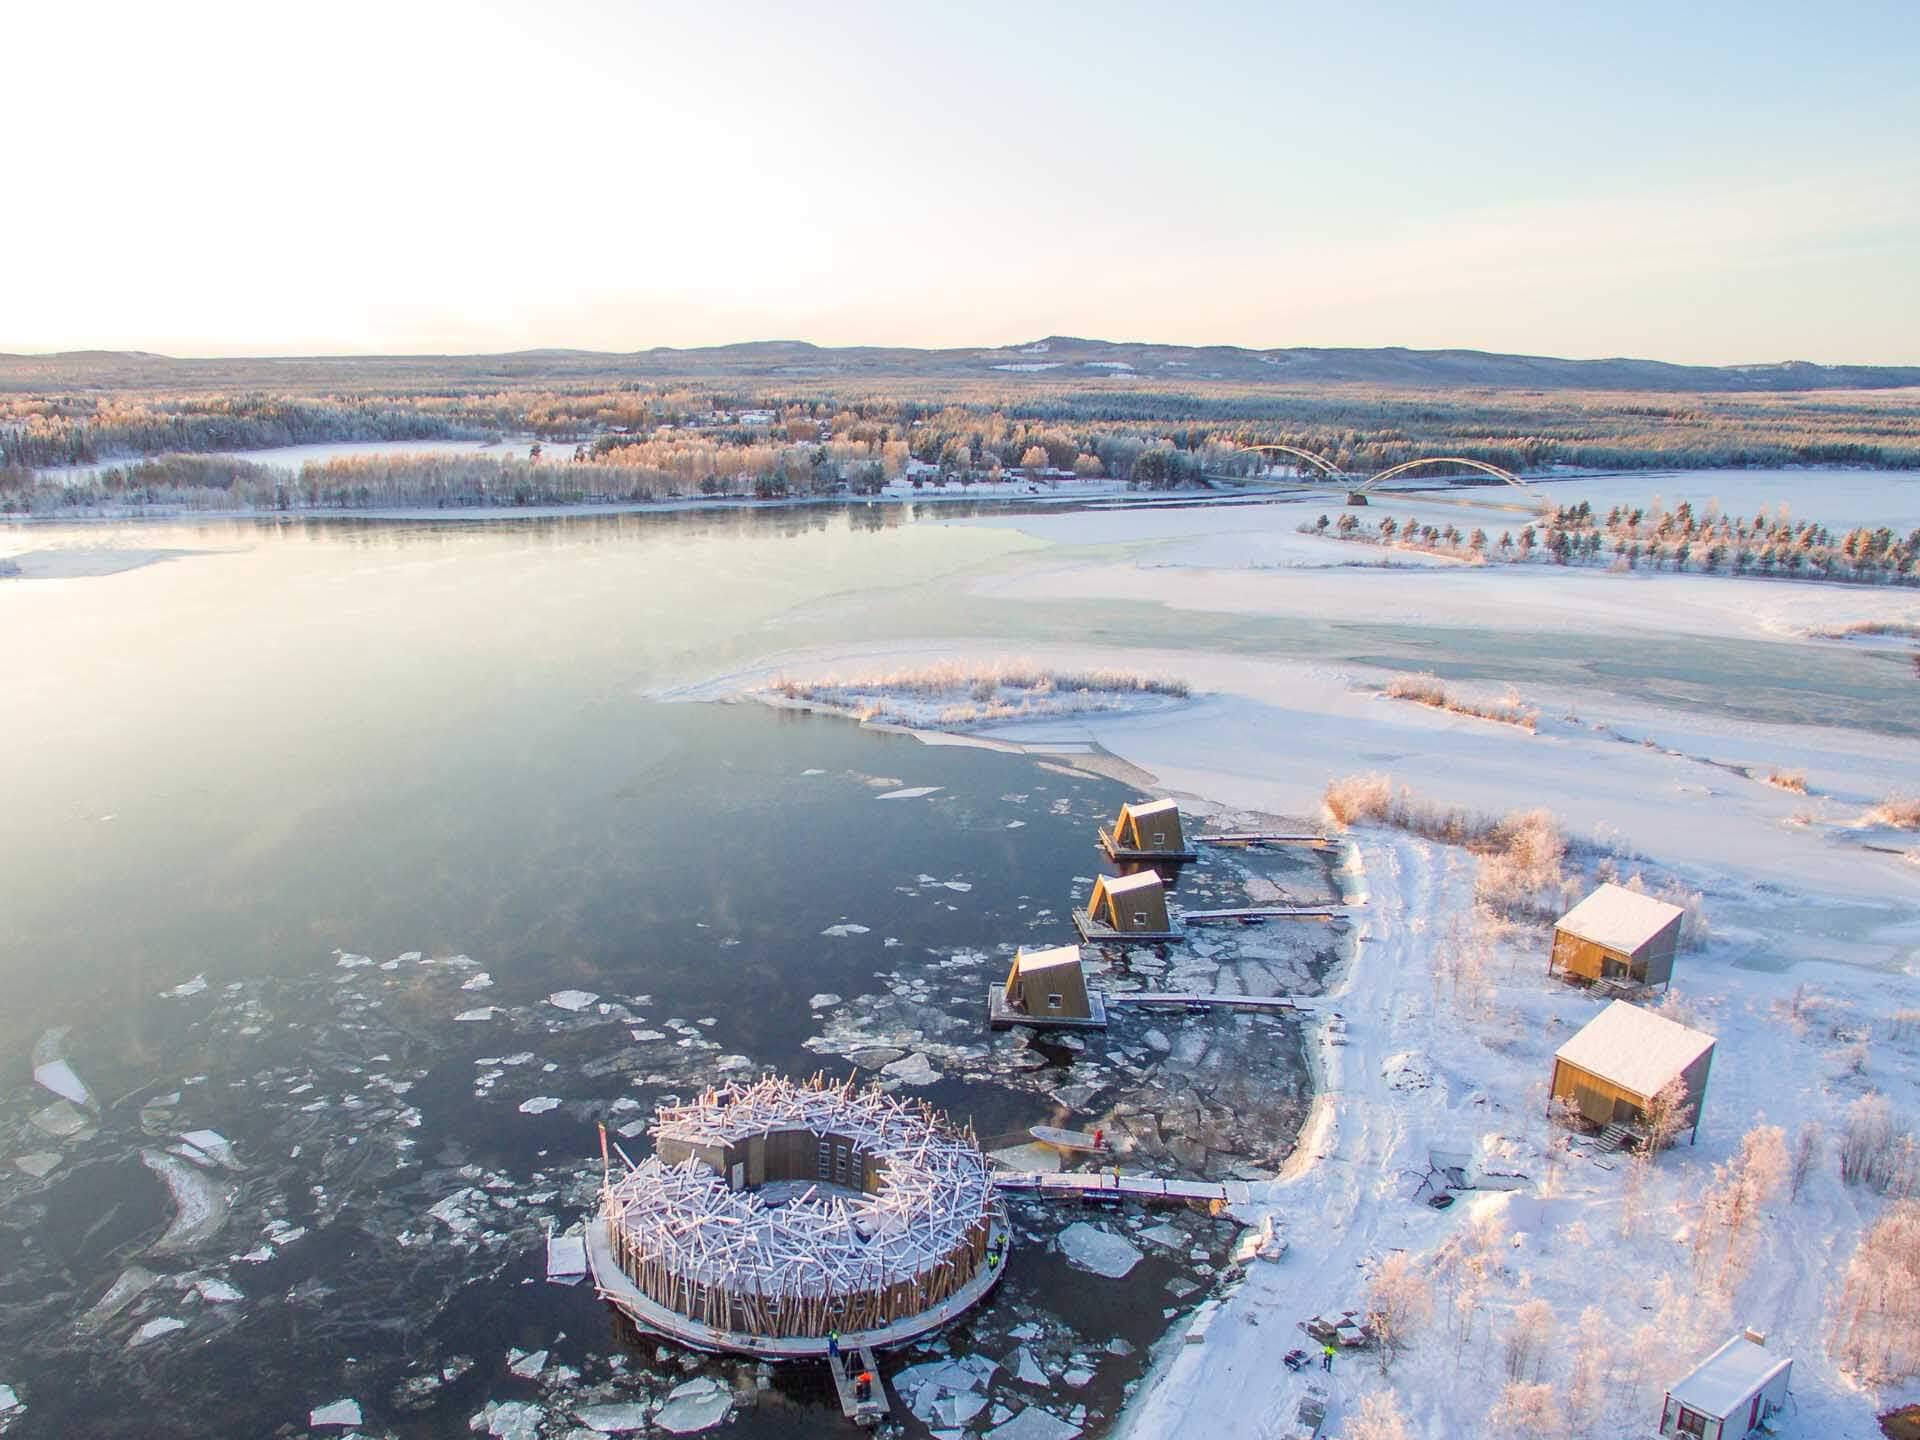 Le long du cercle polaire arctique, l'hôtel Arctic Bath en Laponie suédoise a ouvert ses portes l'hiver dernier. Lodges flottants, sauna, bains glacés et gastronomie arctique sont au programme de cette retraite hors du monde.